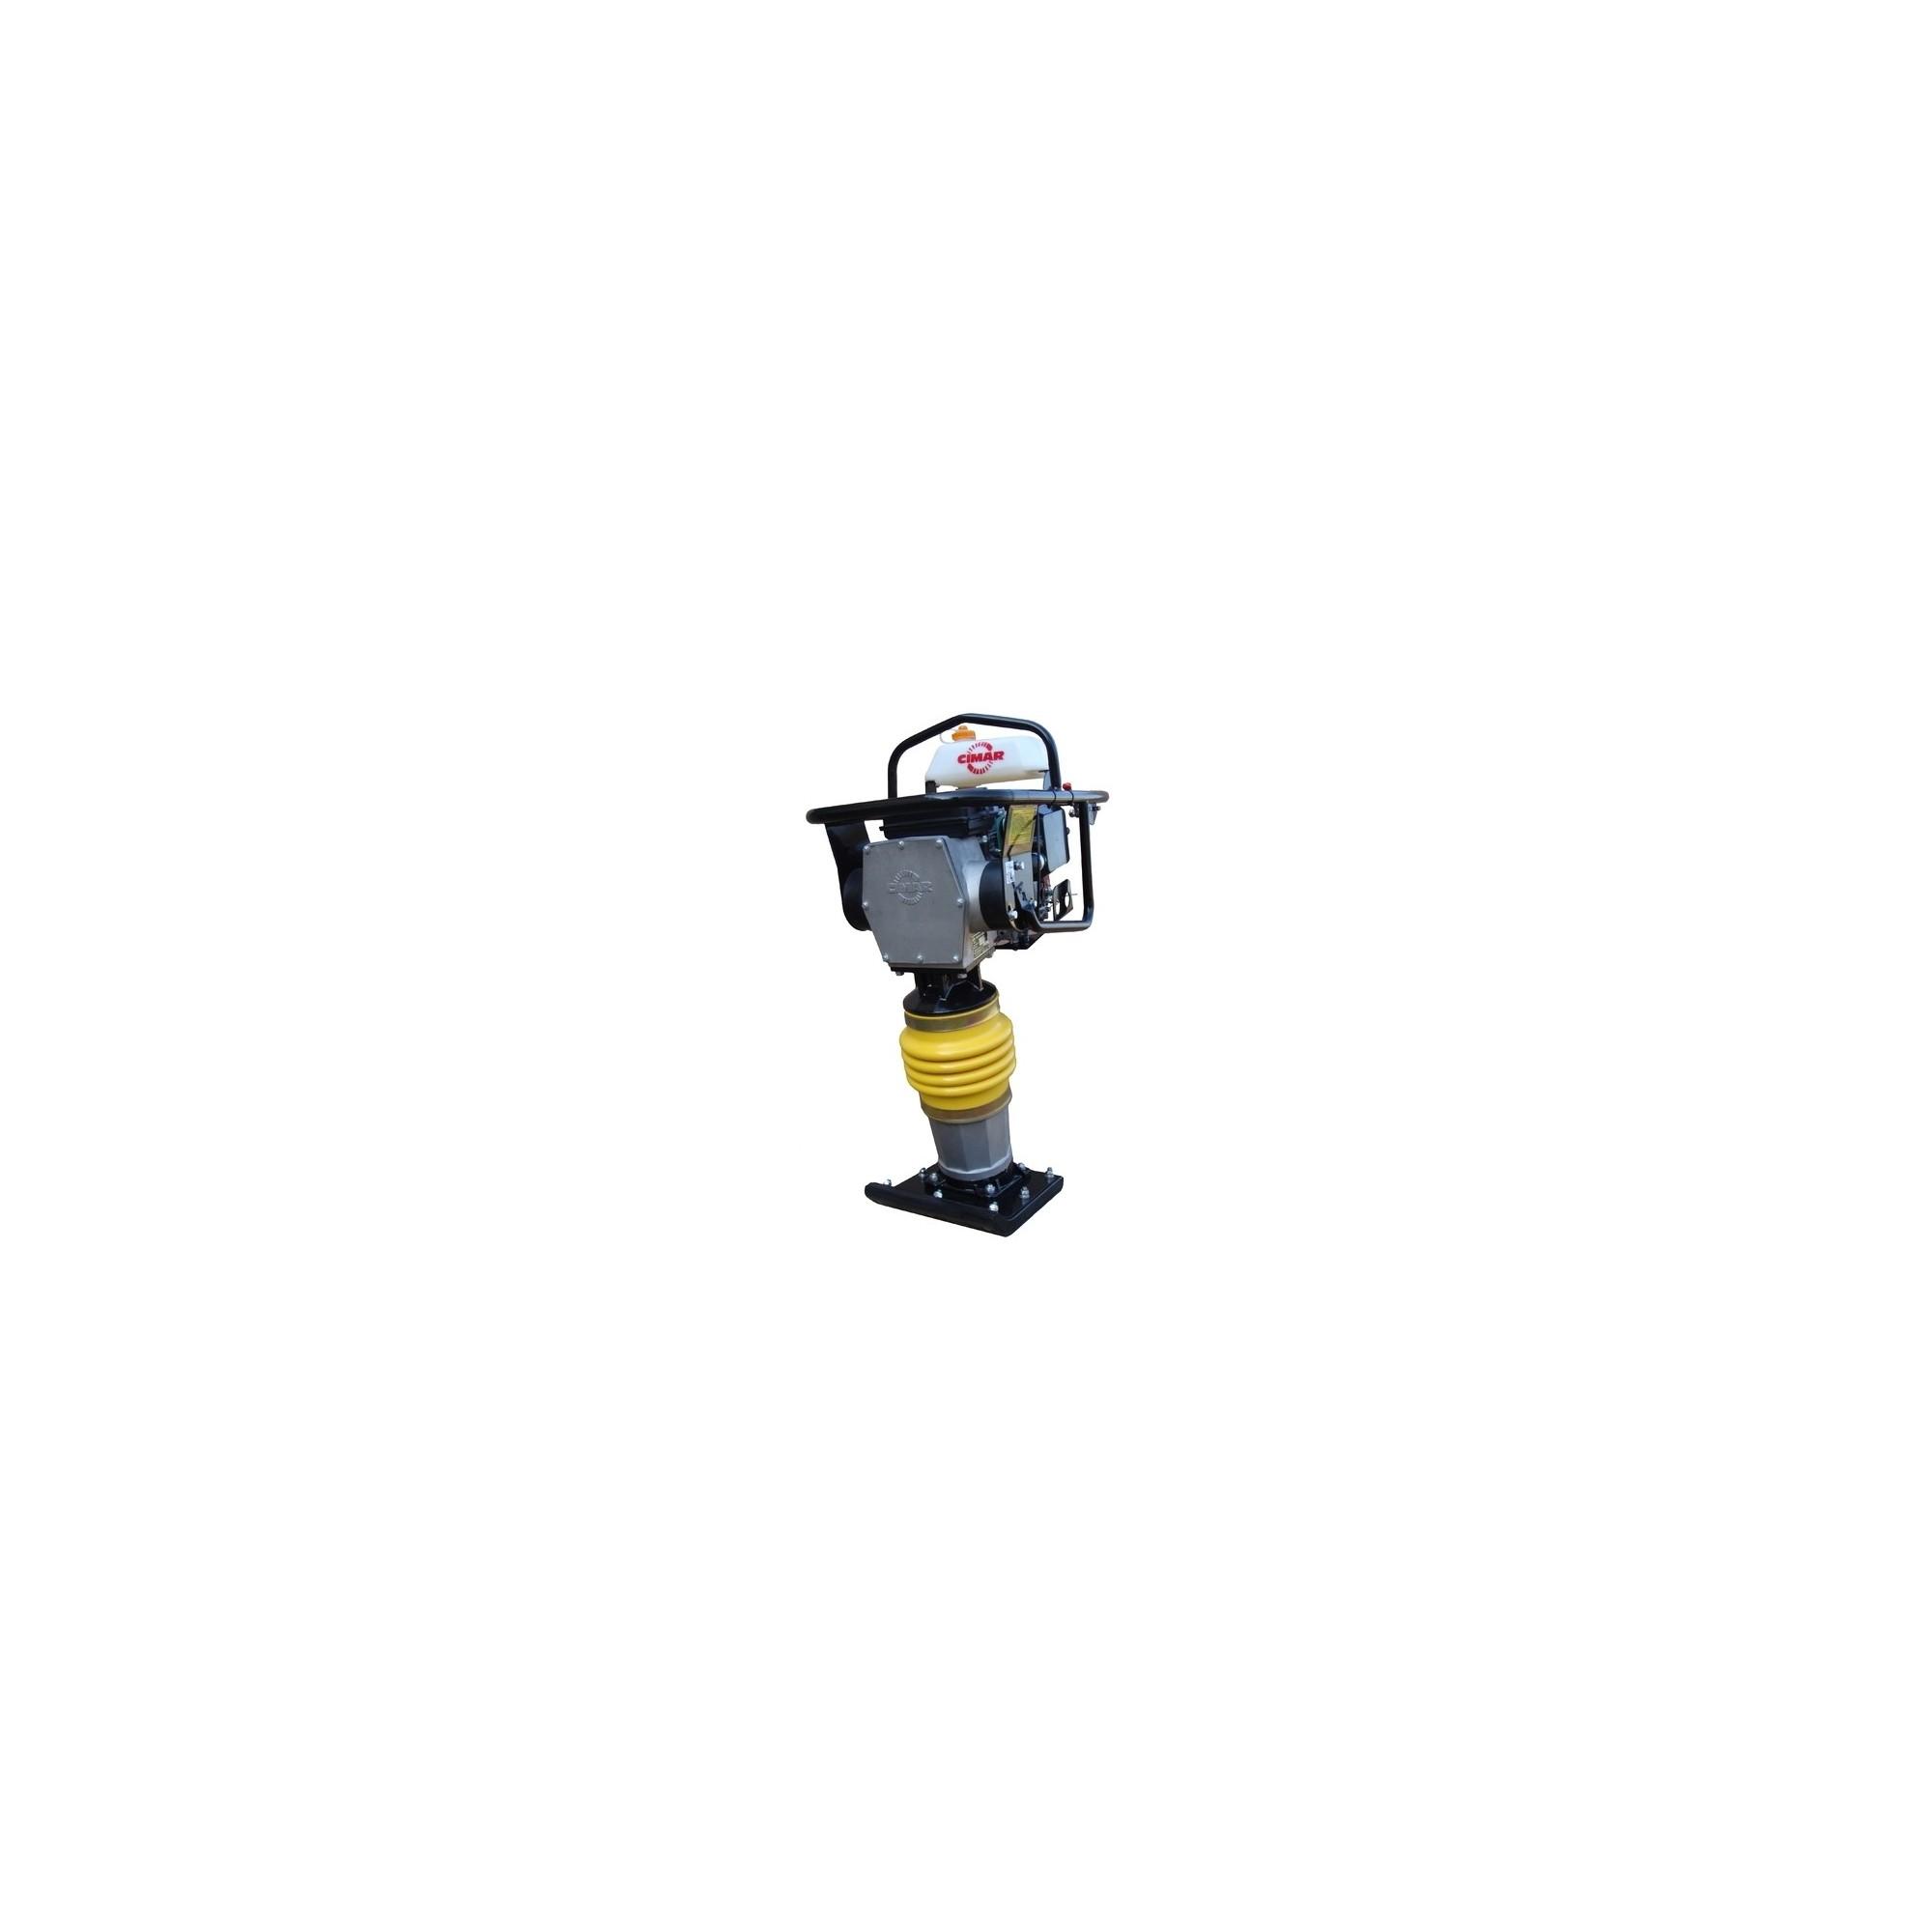 CT73P-2A Pisón Compactador ITCPower-ROBIN